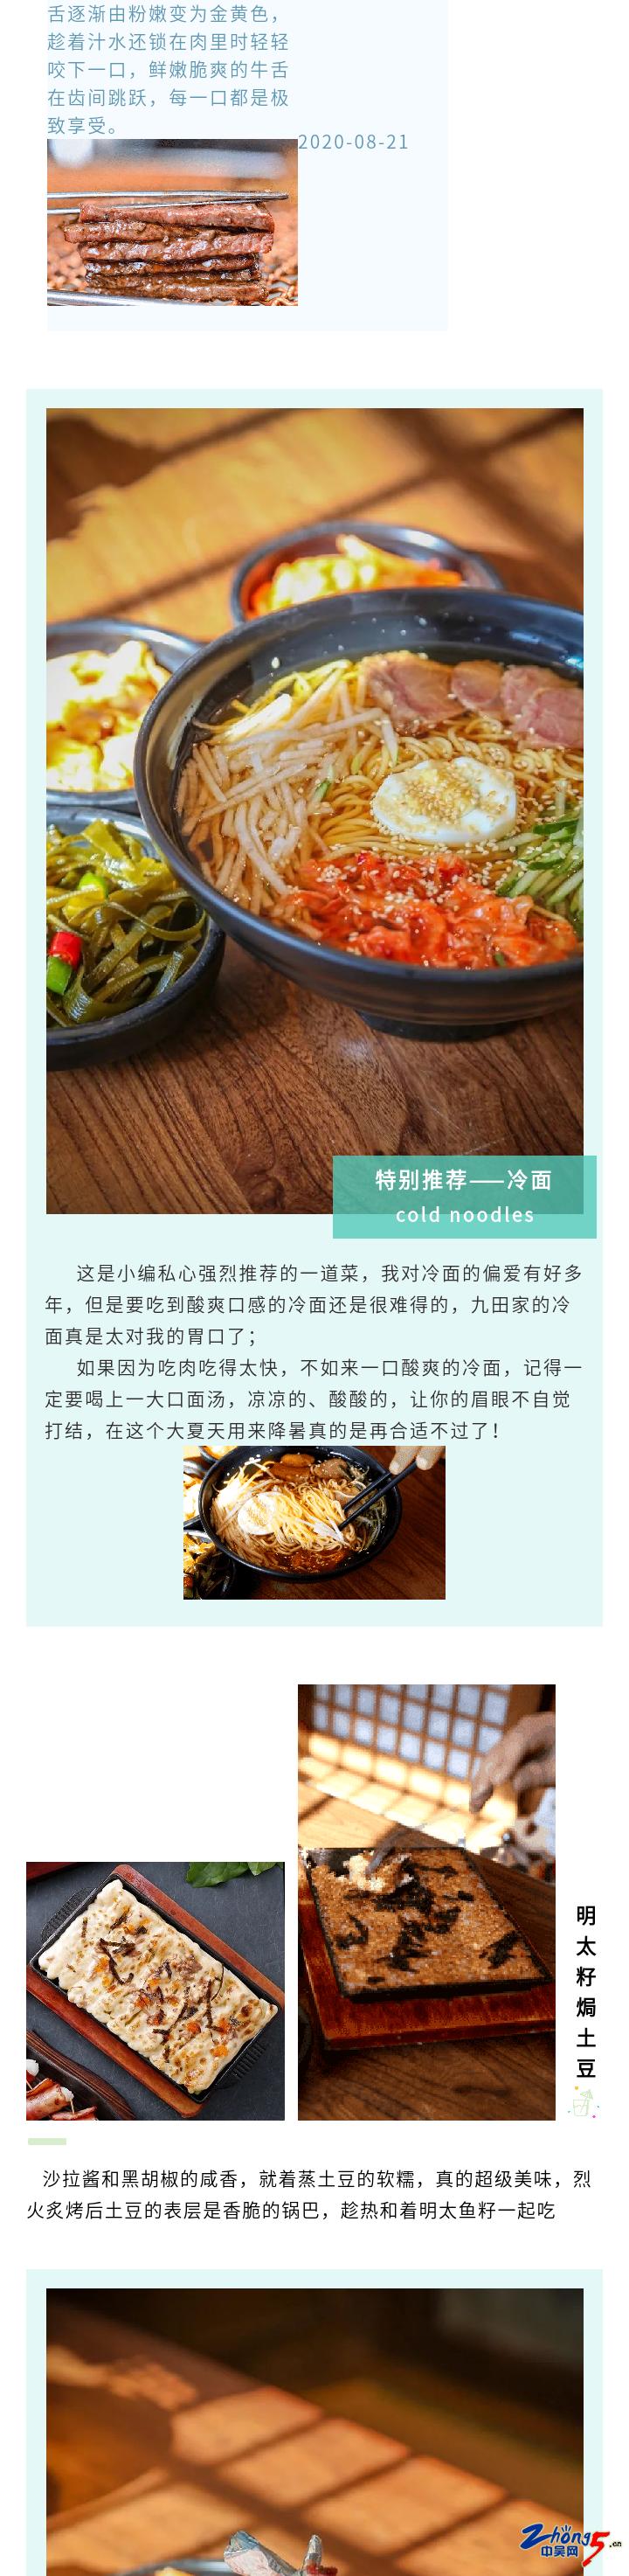 长图_04.png